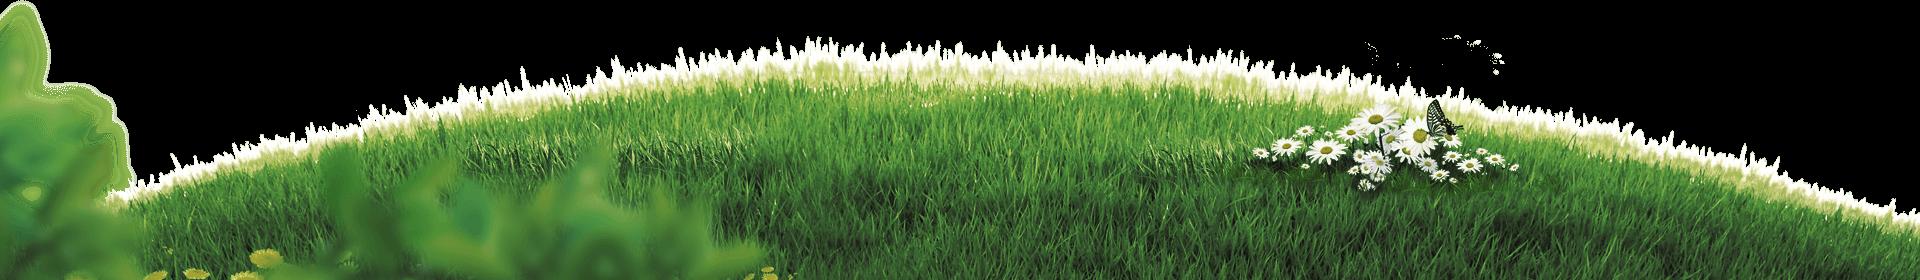 motion-grass